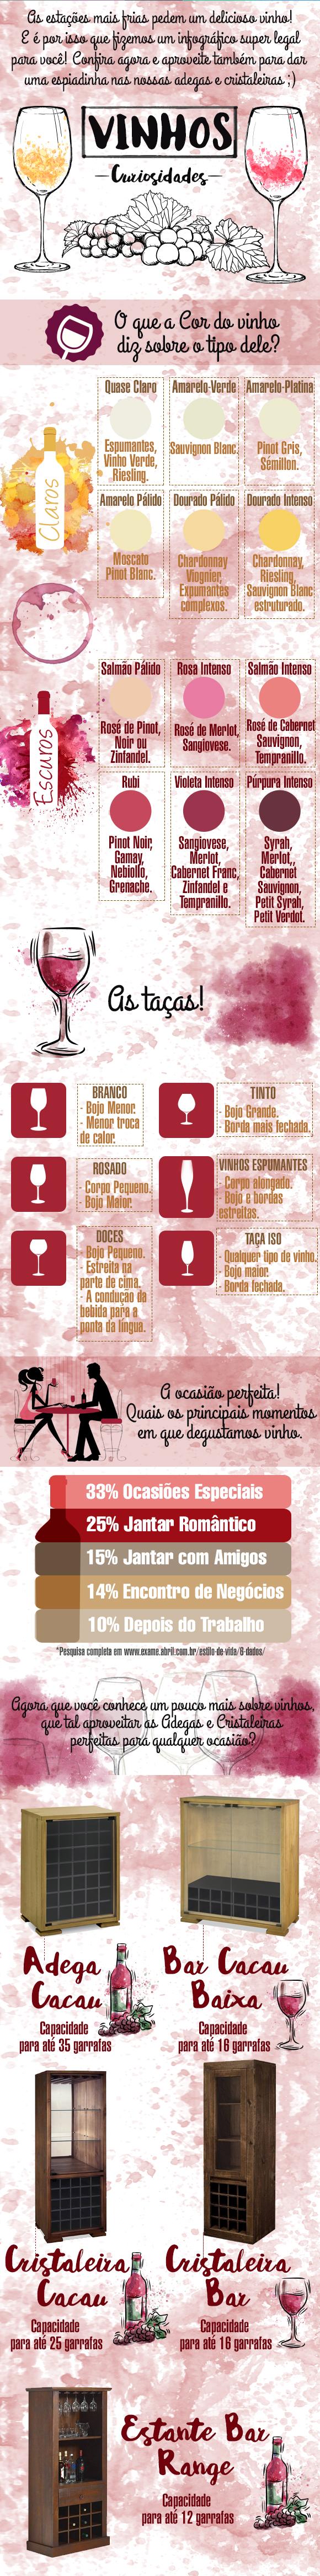 vinhos infográfico com informações essenciais para apreciá-los da melhor forma